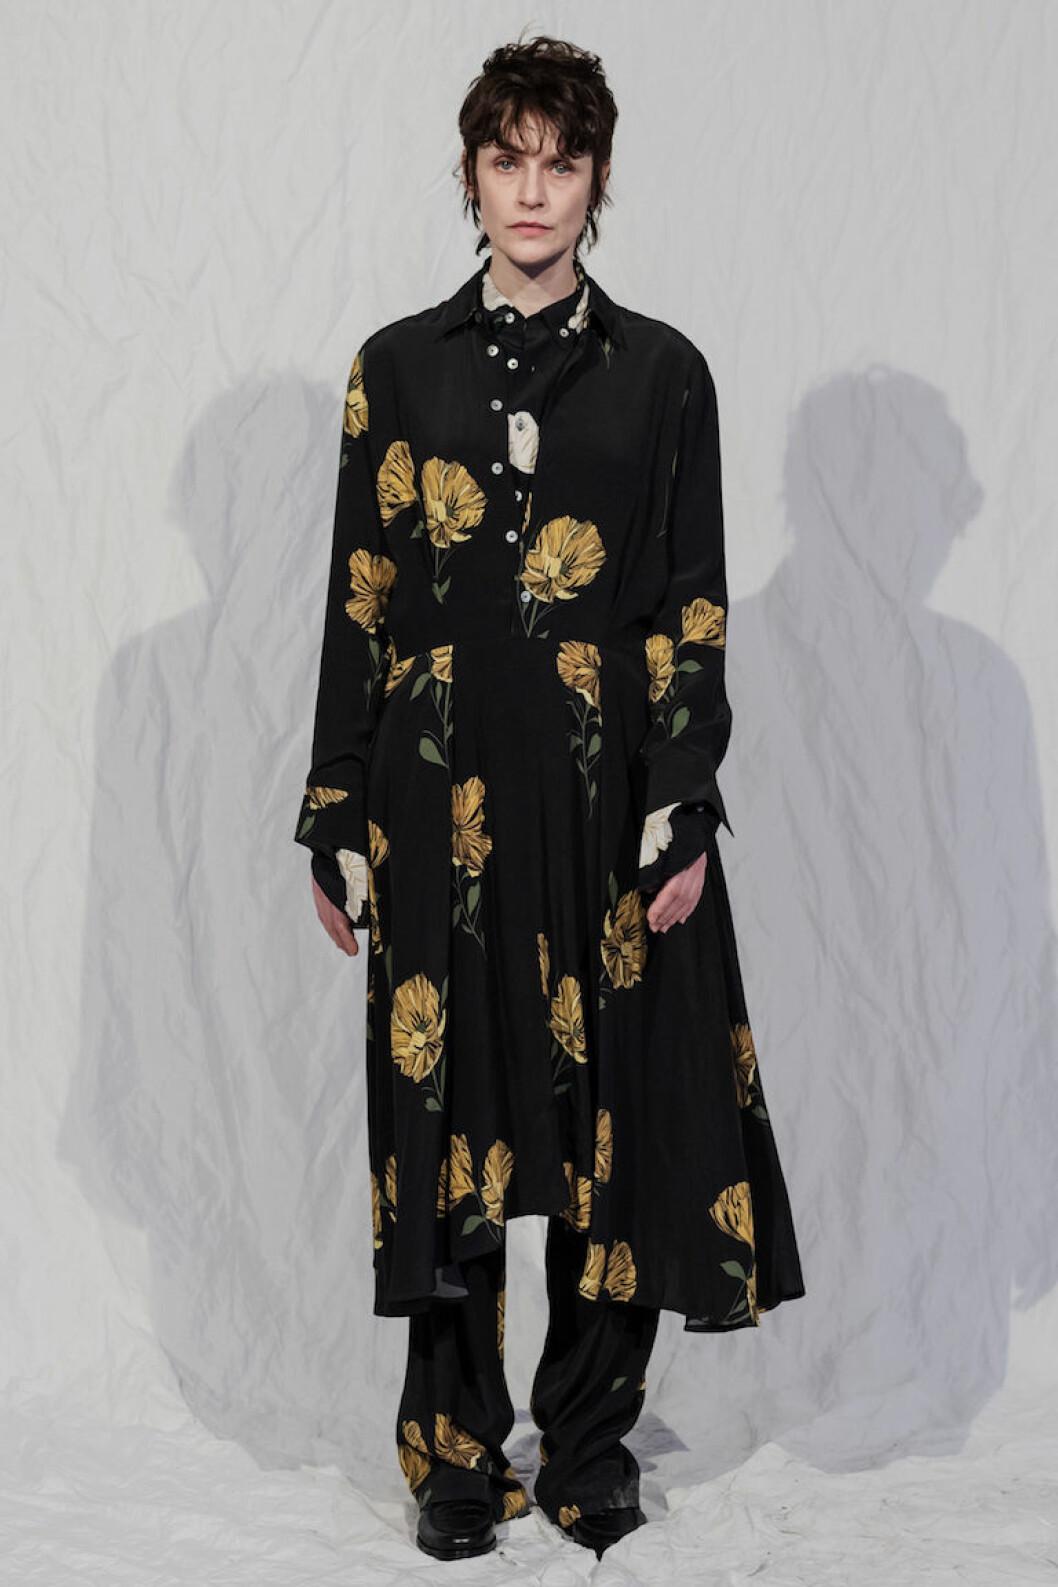 Lång svart klänning med gula blomdetaljer från HOPE AW18.